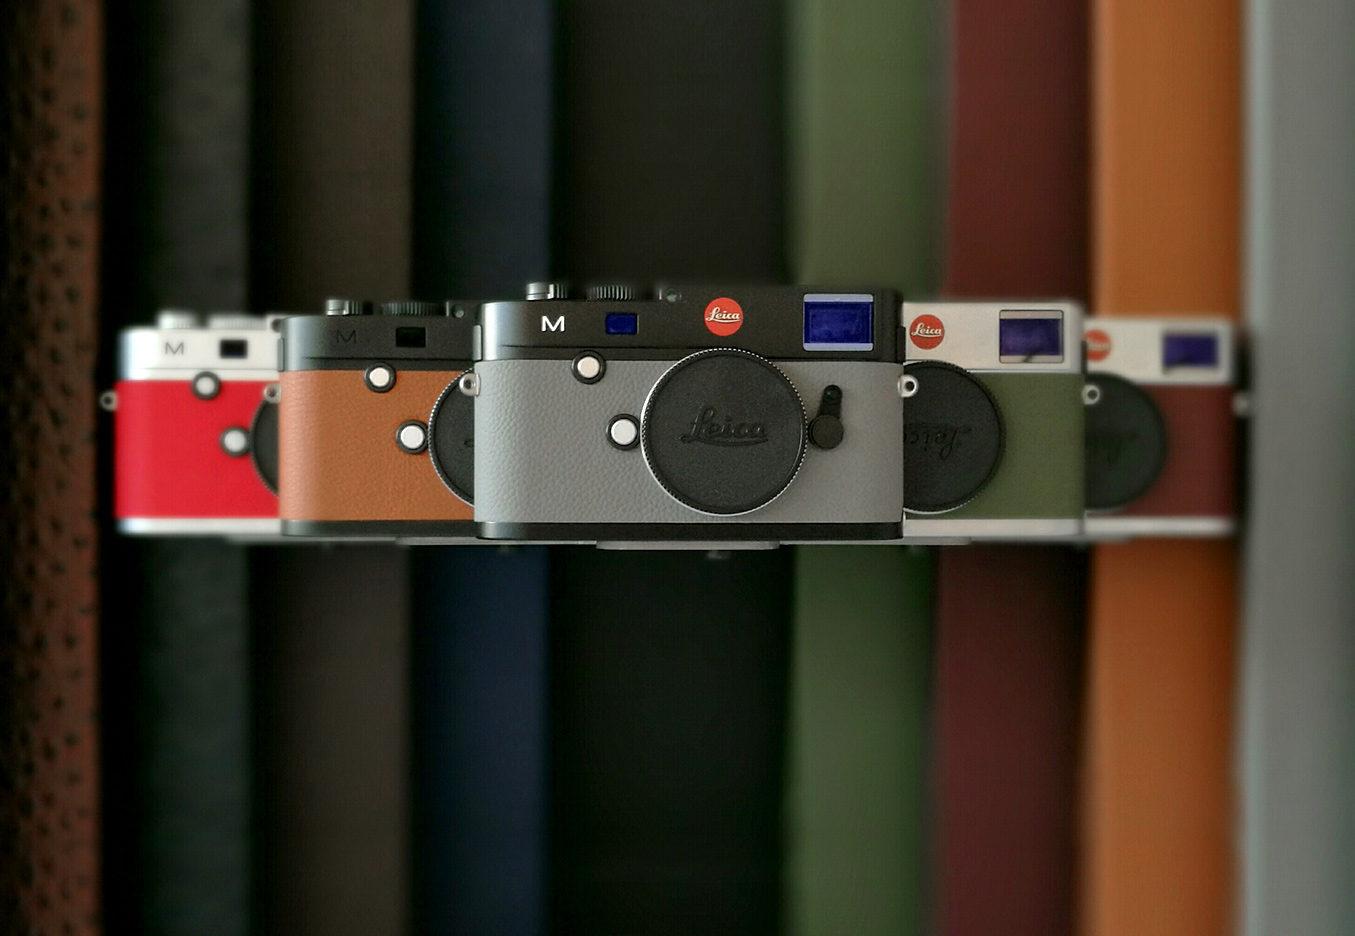 Leica_Slide1